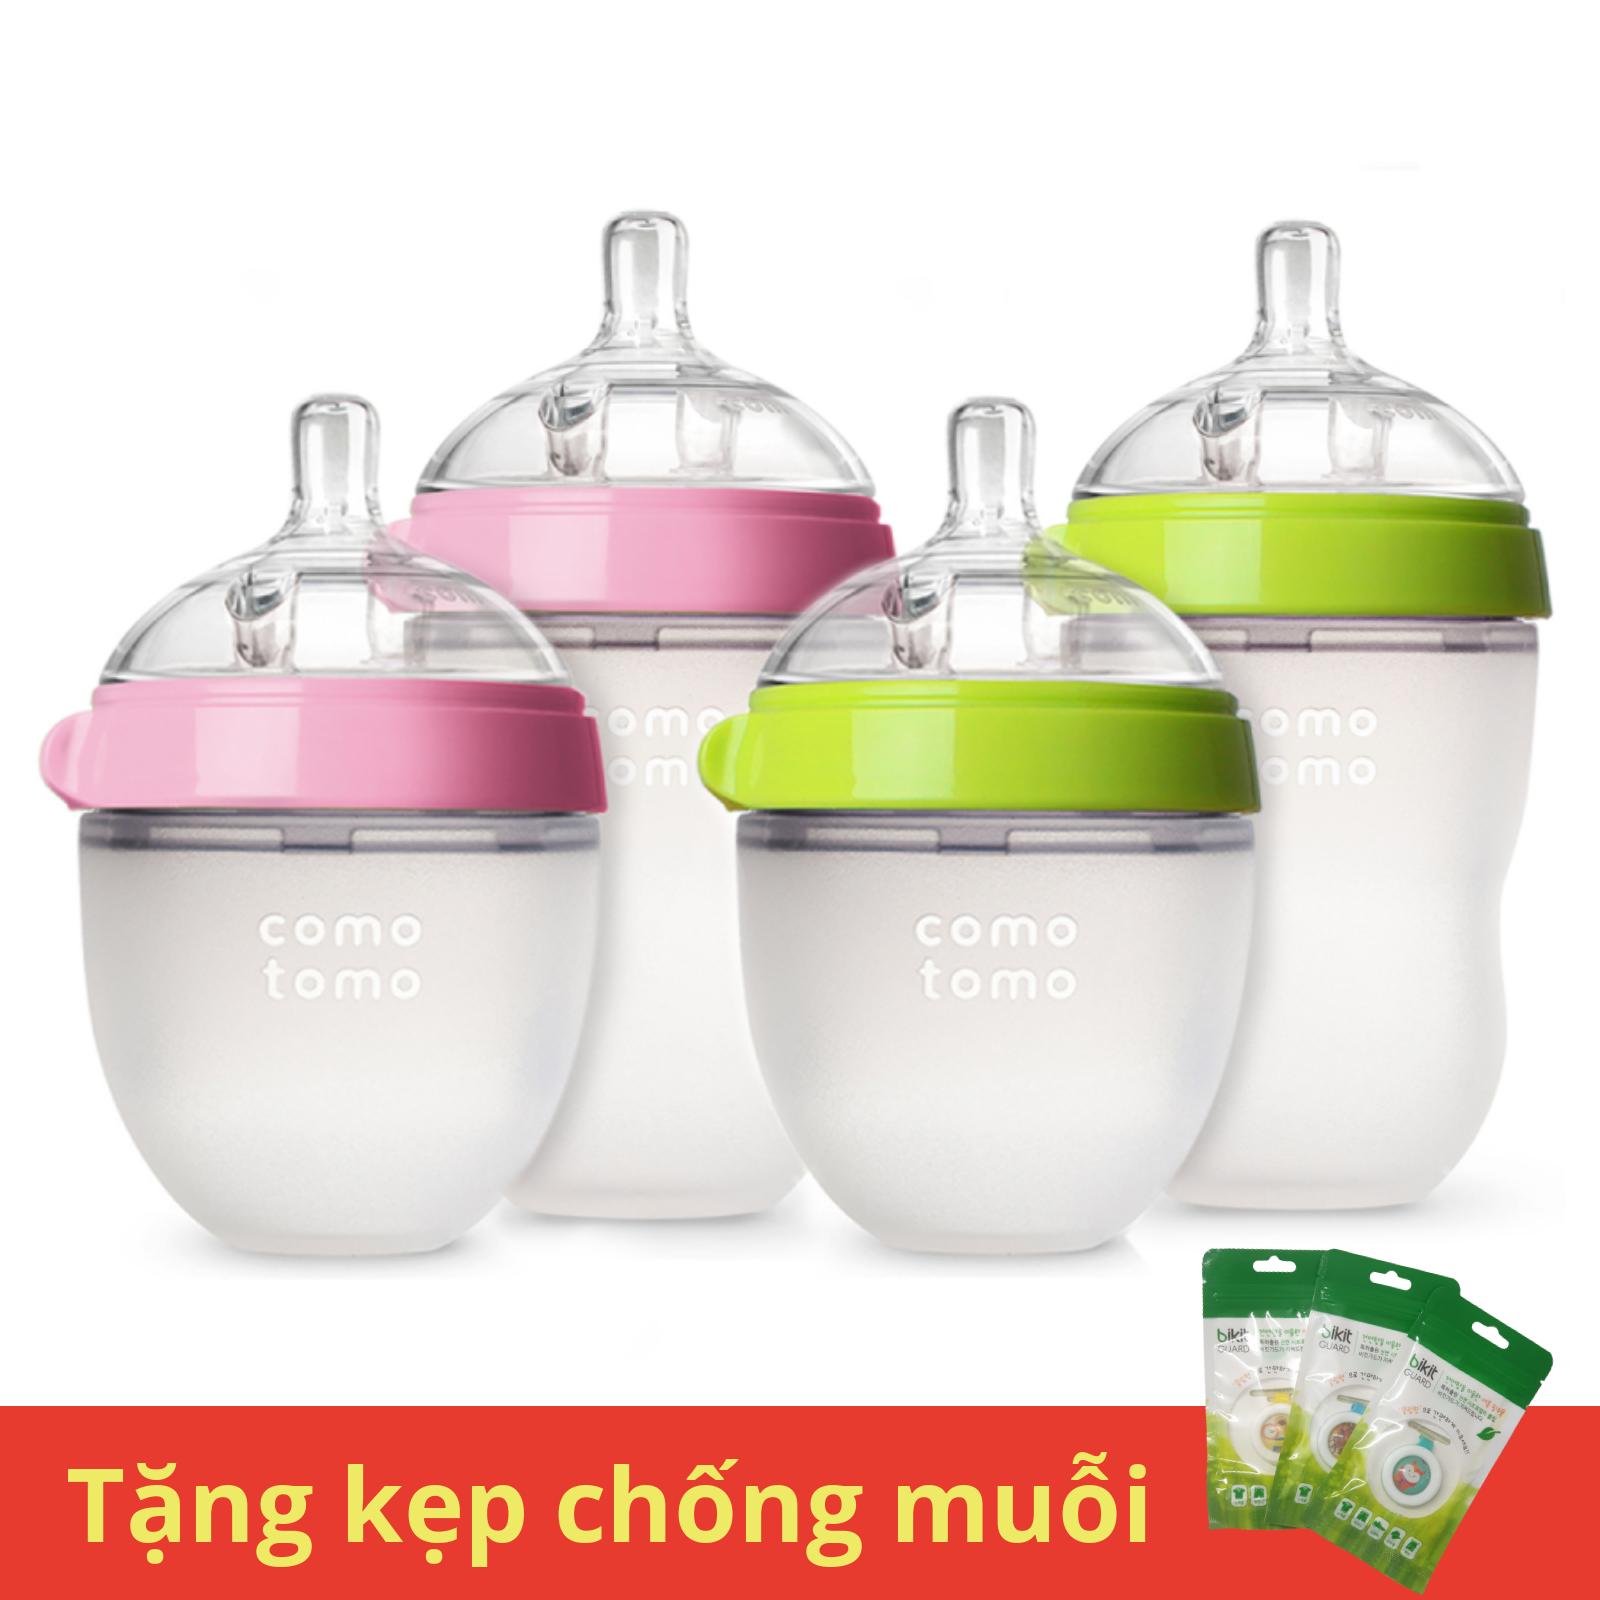 Bình sữa cho bé Comotomo chính hãng dung tịch 150 / 250ml [ Tặng kẹp chống muỗi Hàn Quốc ]